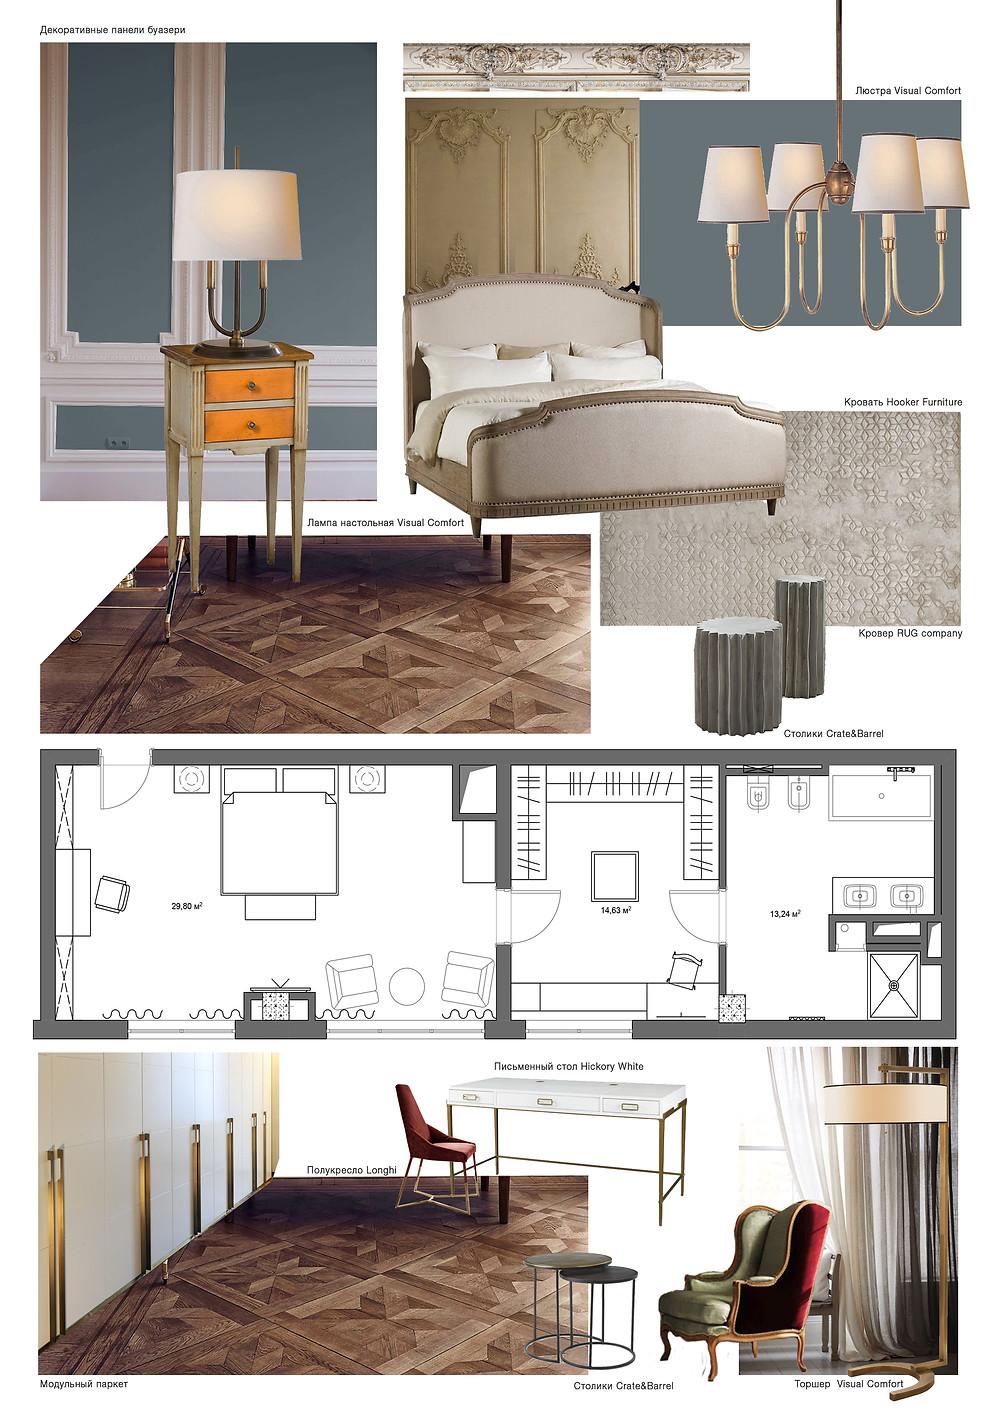 Спальня в квартире со свободной планировкой, большой площади.